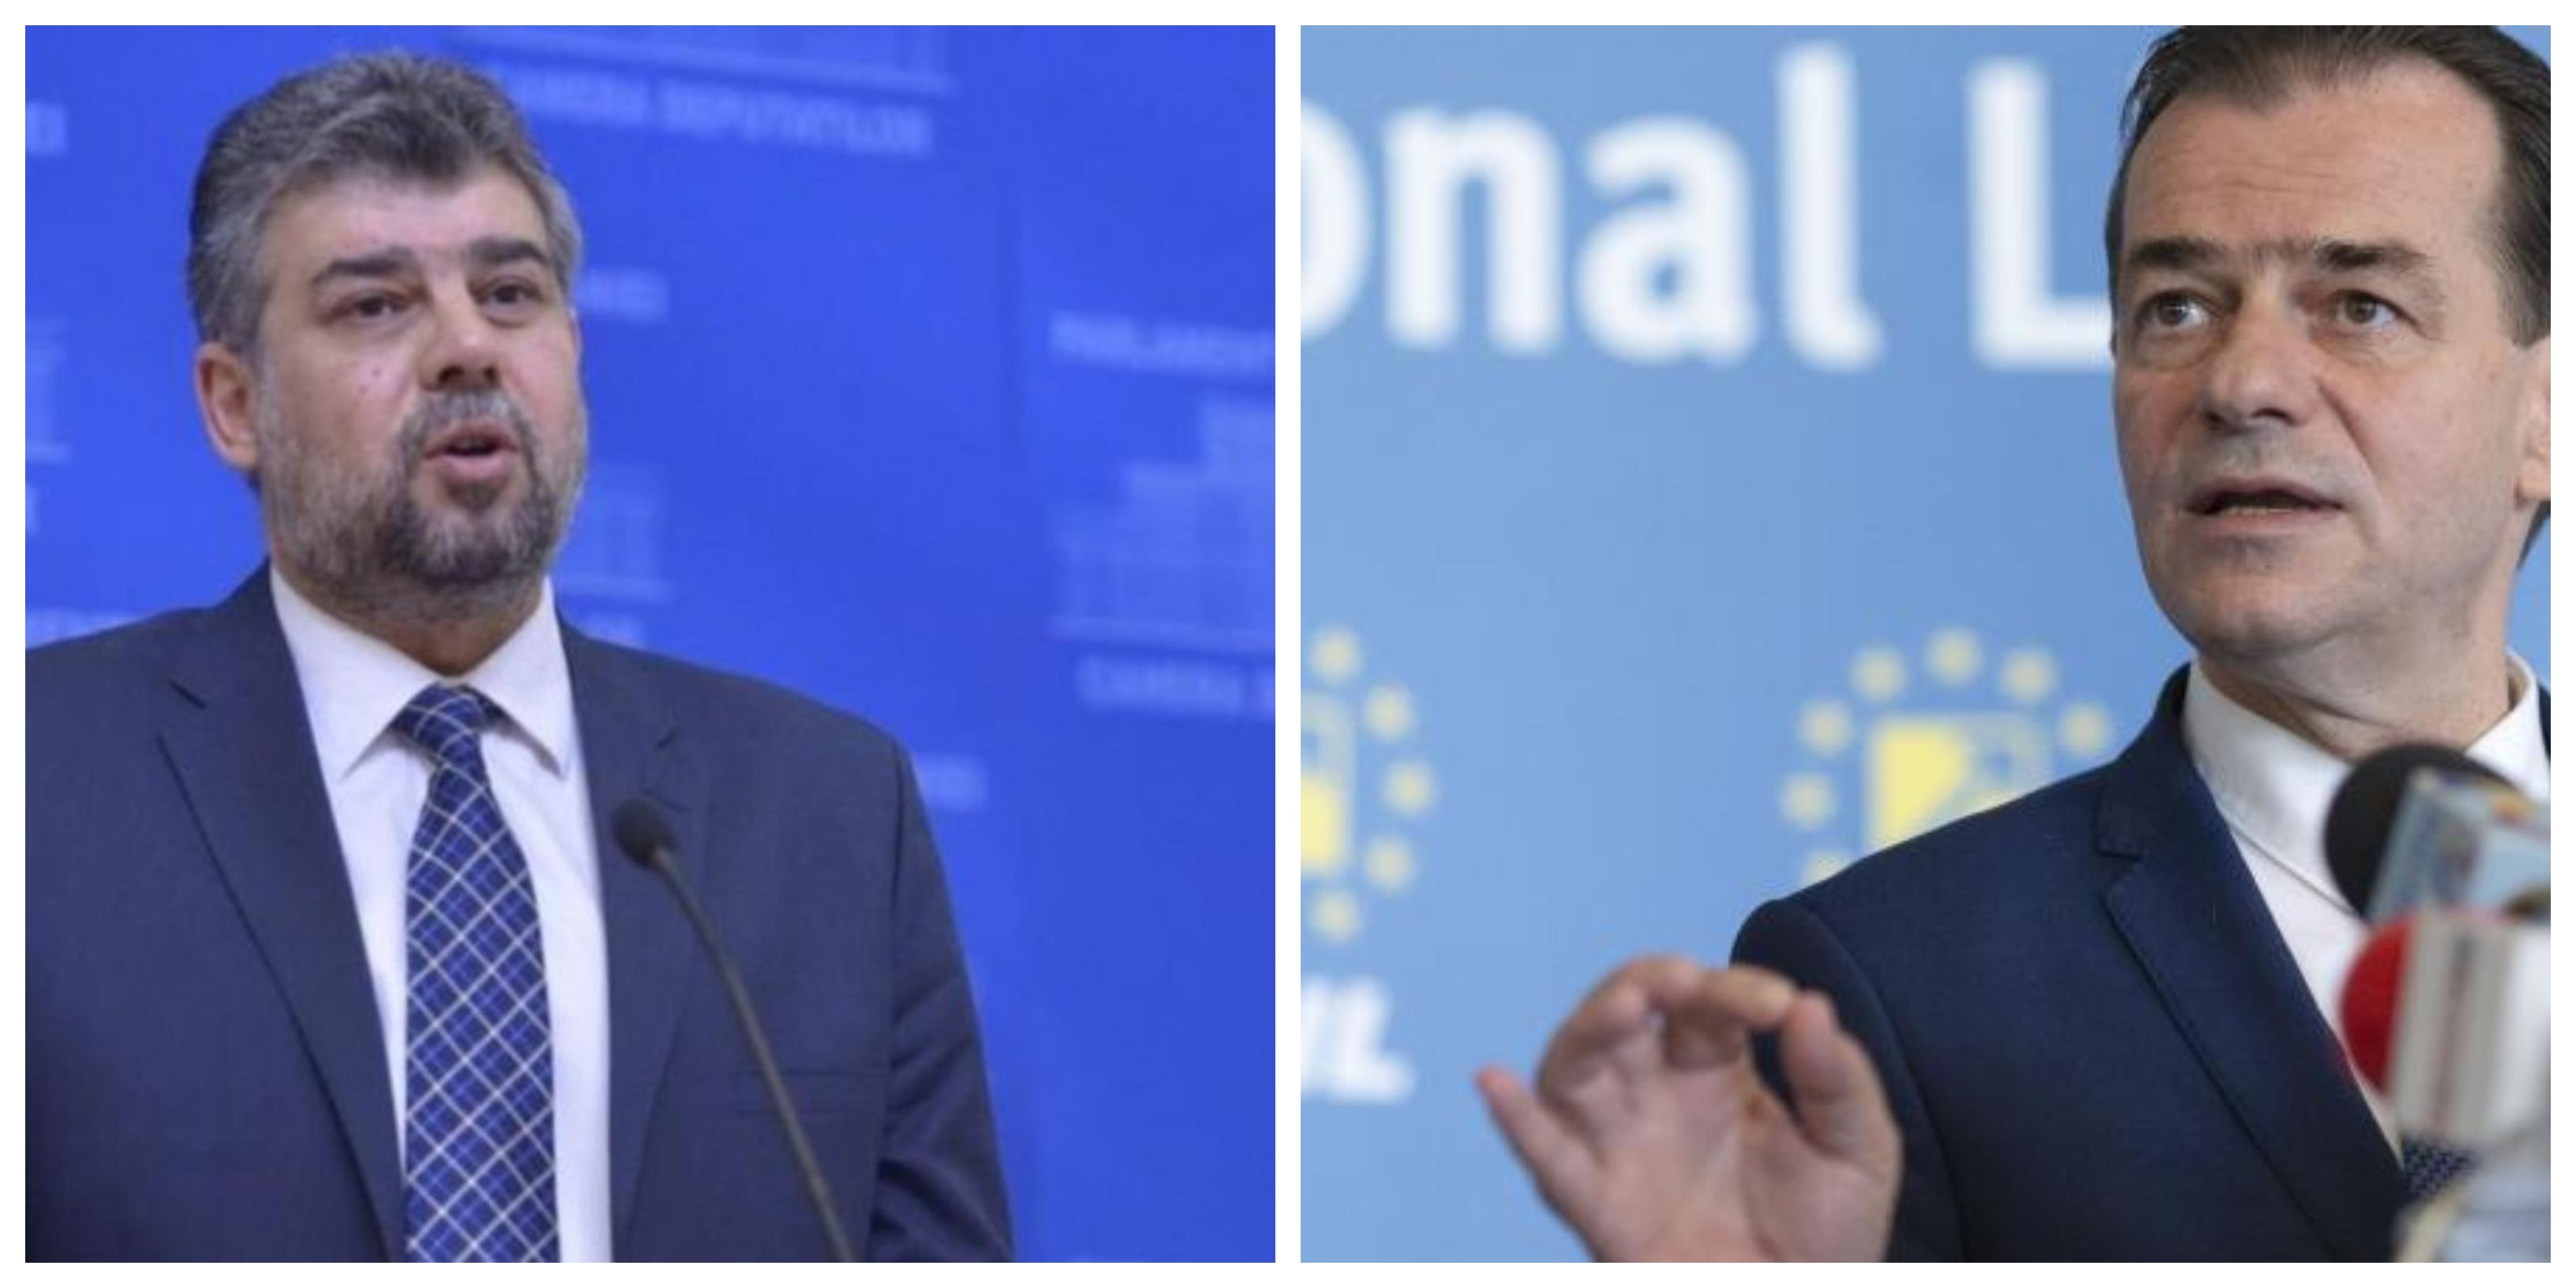 Orban îi taie elenaul lui Ciolacu. PSD va sta mult și bine departe de guvernare. VIDEO